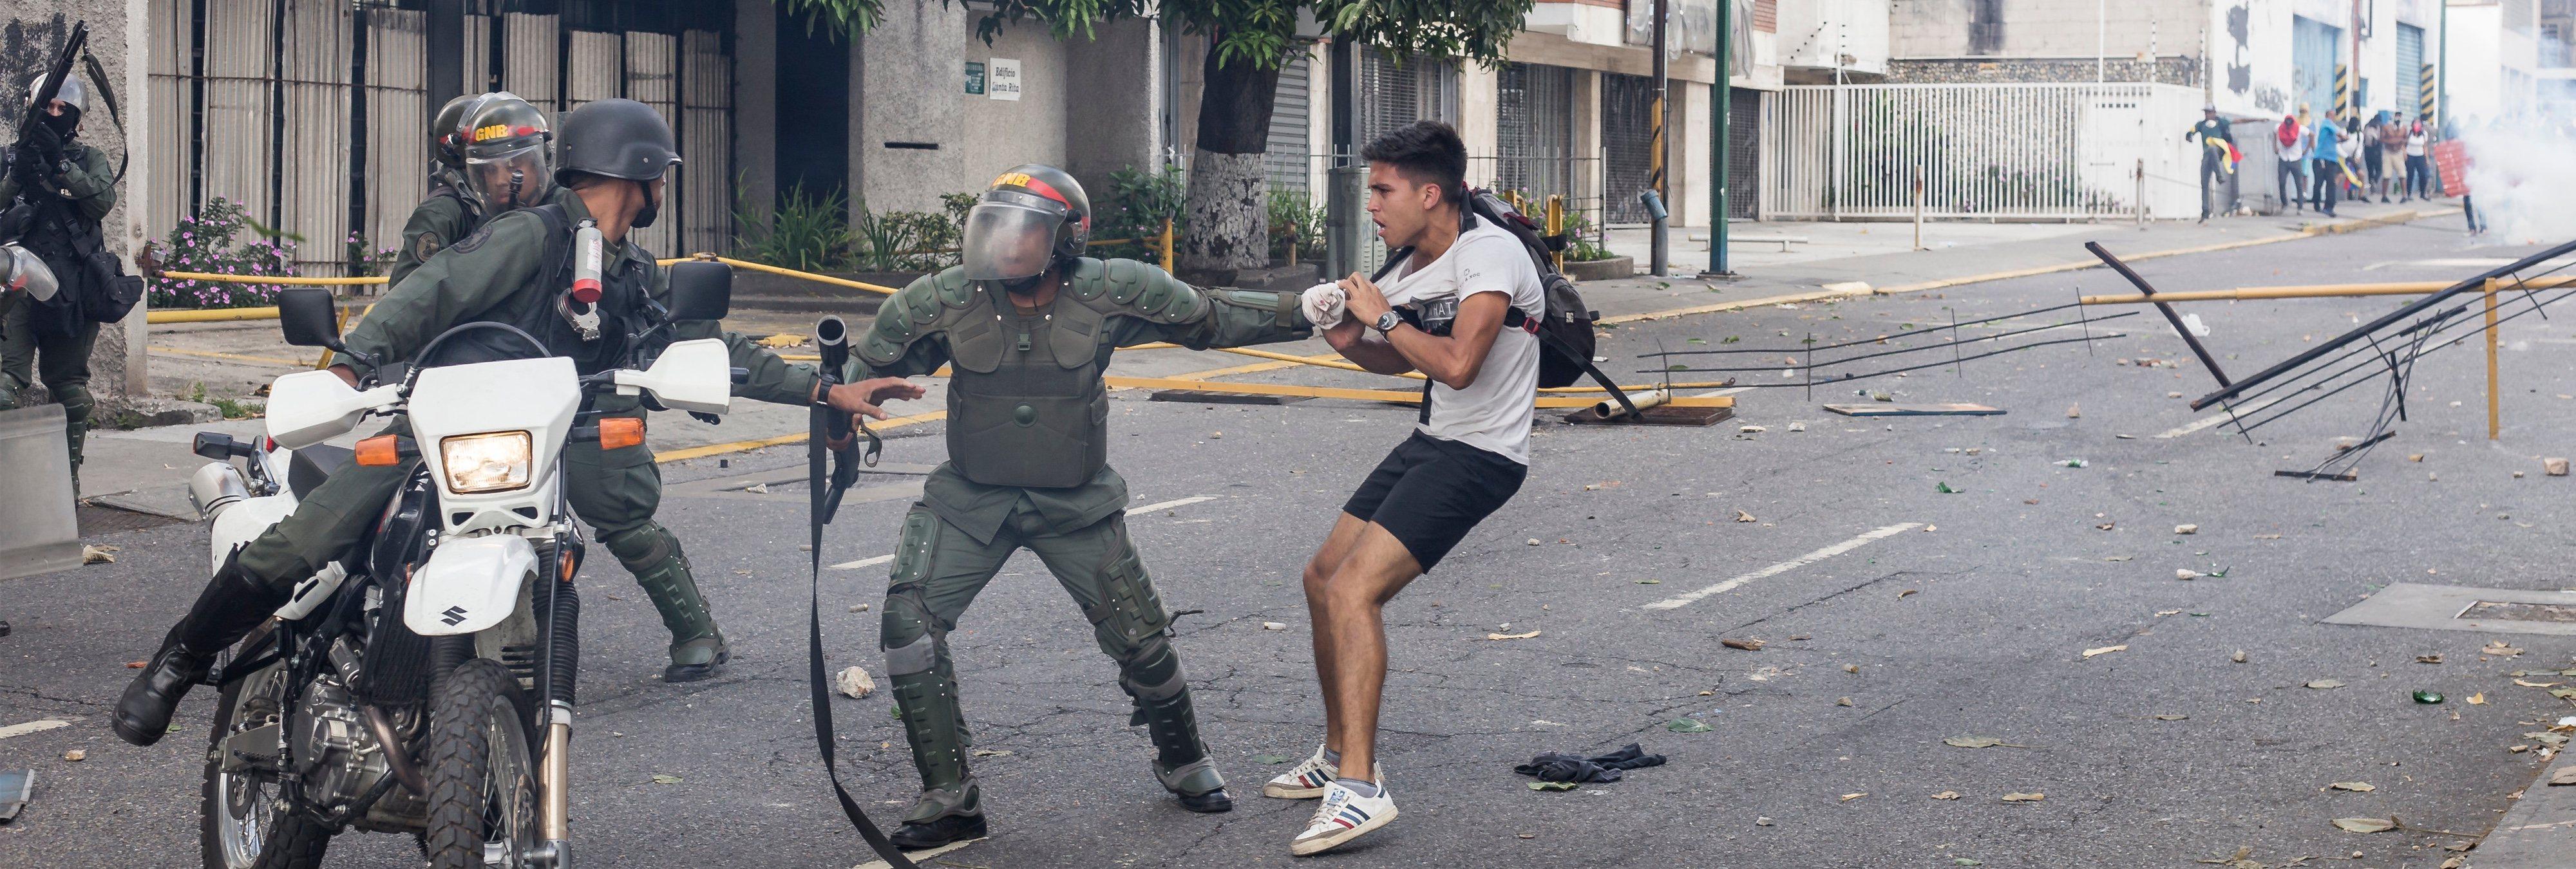 ¿Realmente hay posibilidades de que Venezuela termine sumida en una guerra civil?